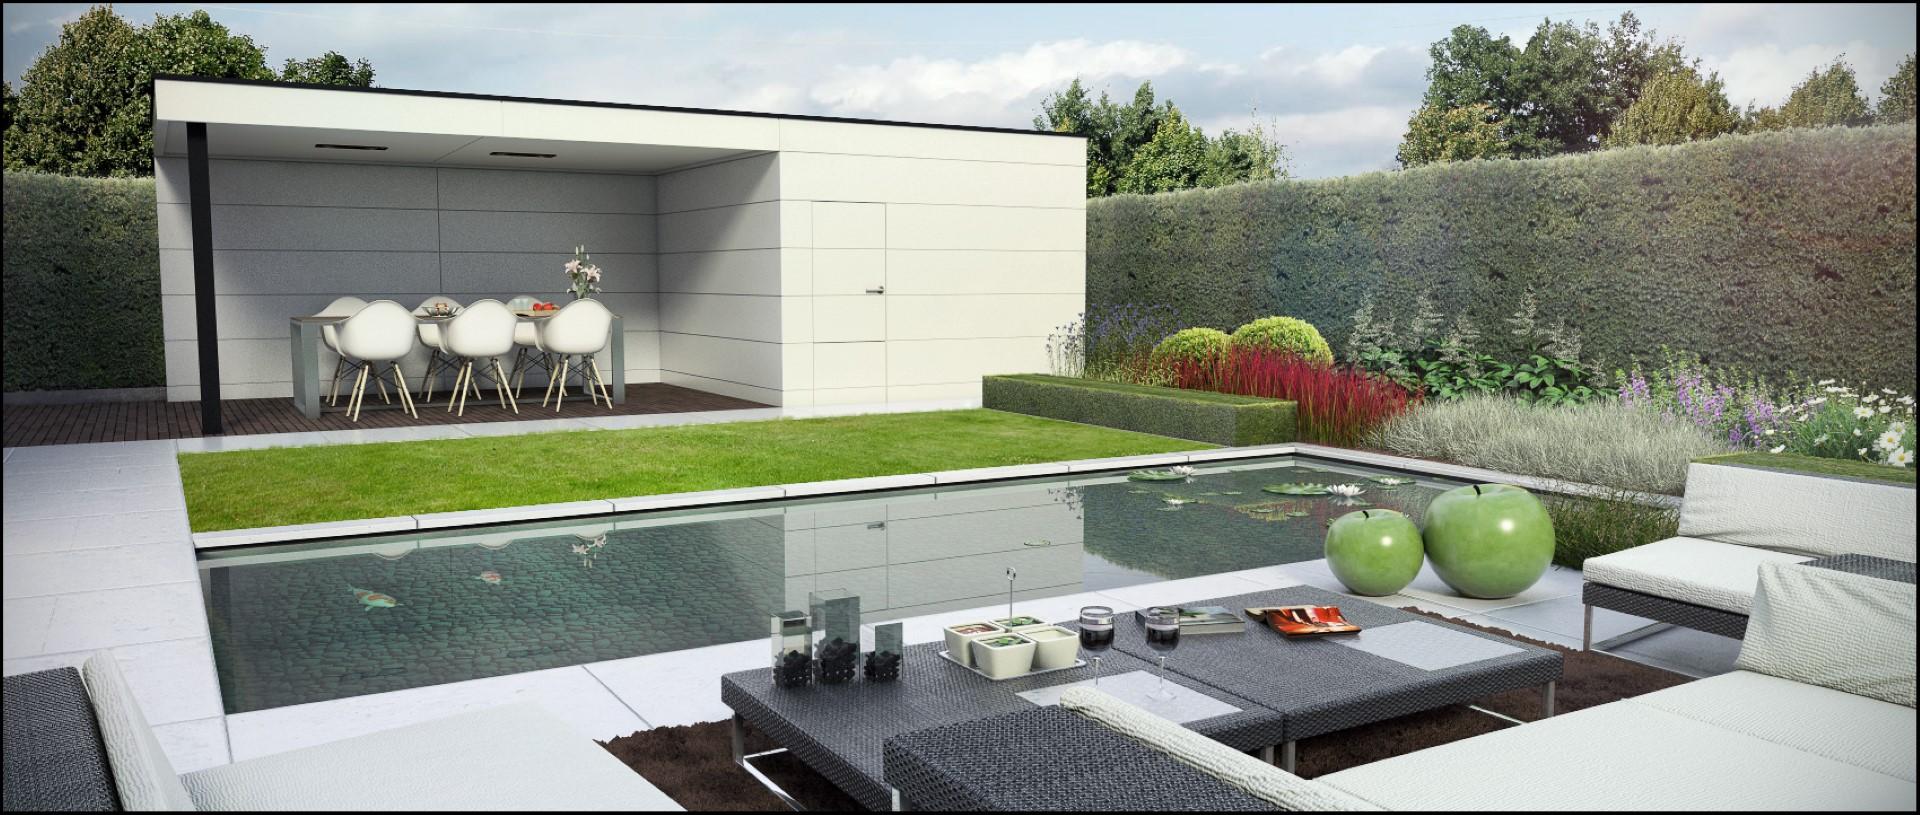 Eco tuinarchitectengroep 3d projecten moderne tuin zottegem - Landschapstuin idee ...